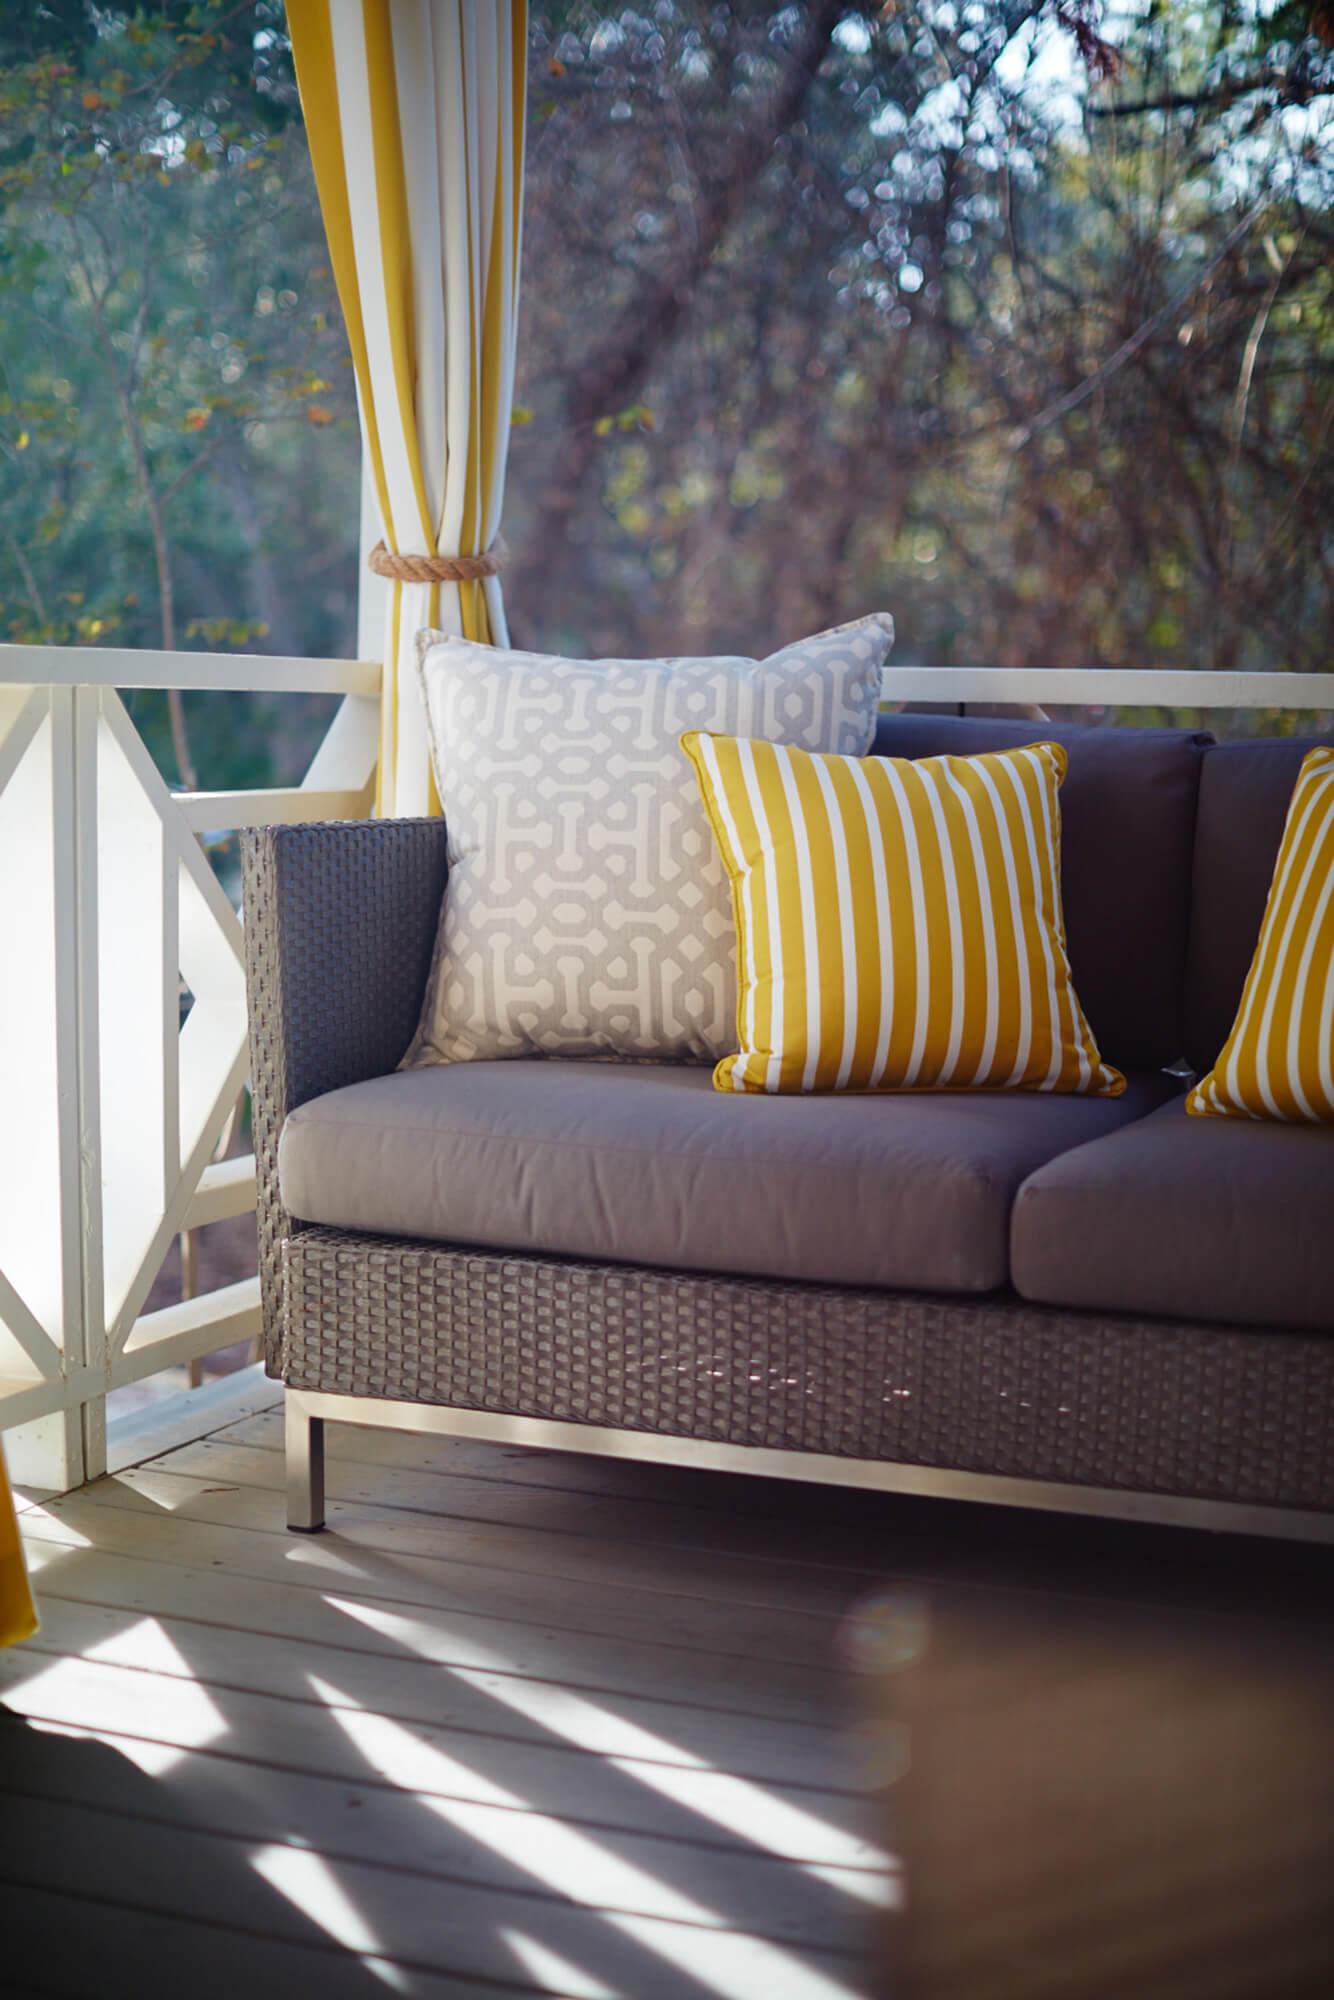 黄灰色抱枕与黄白条纹挂帘的户外沙发